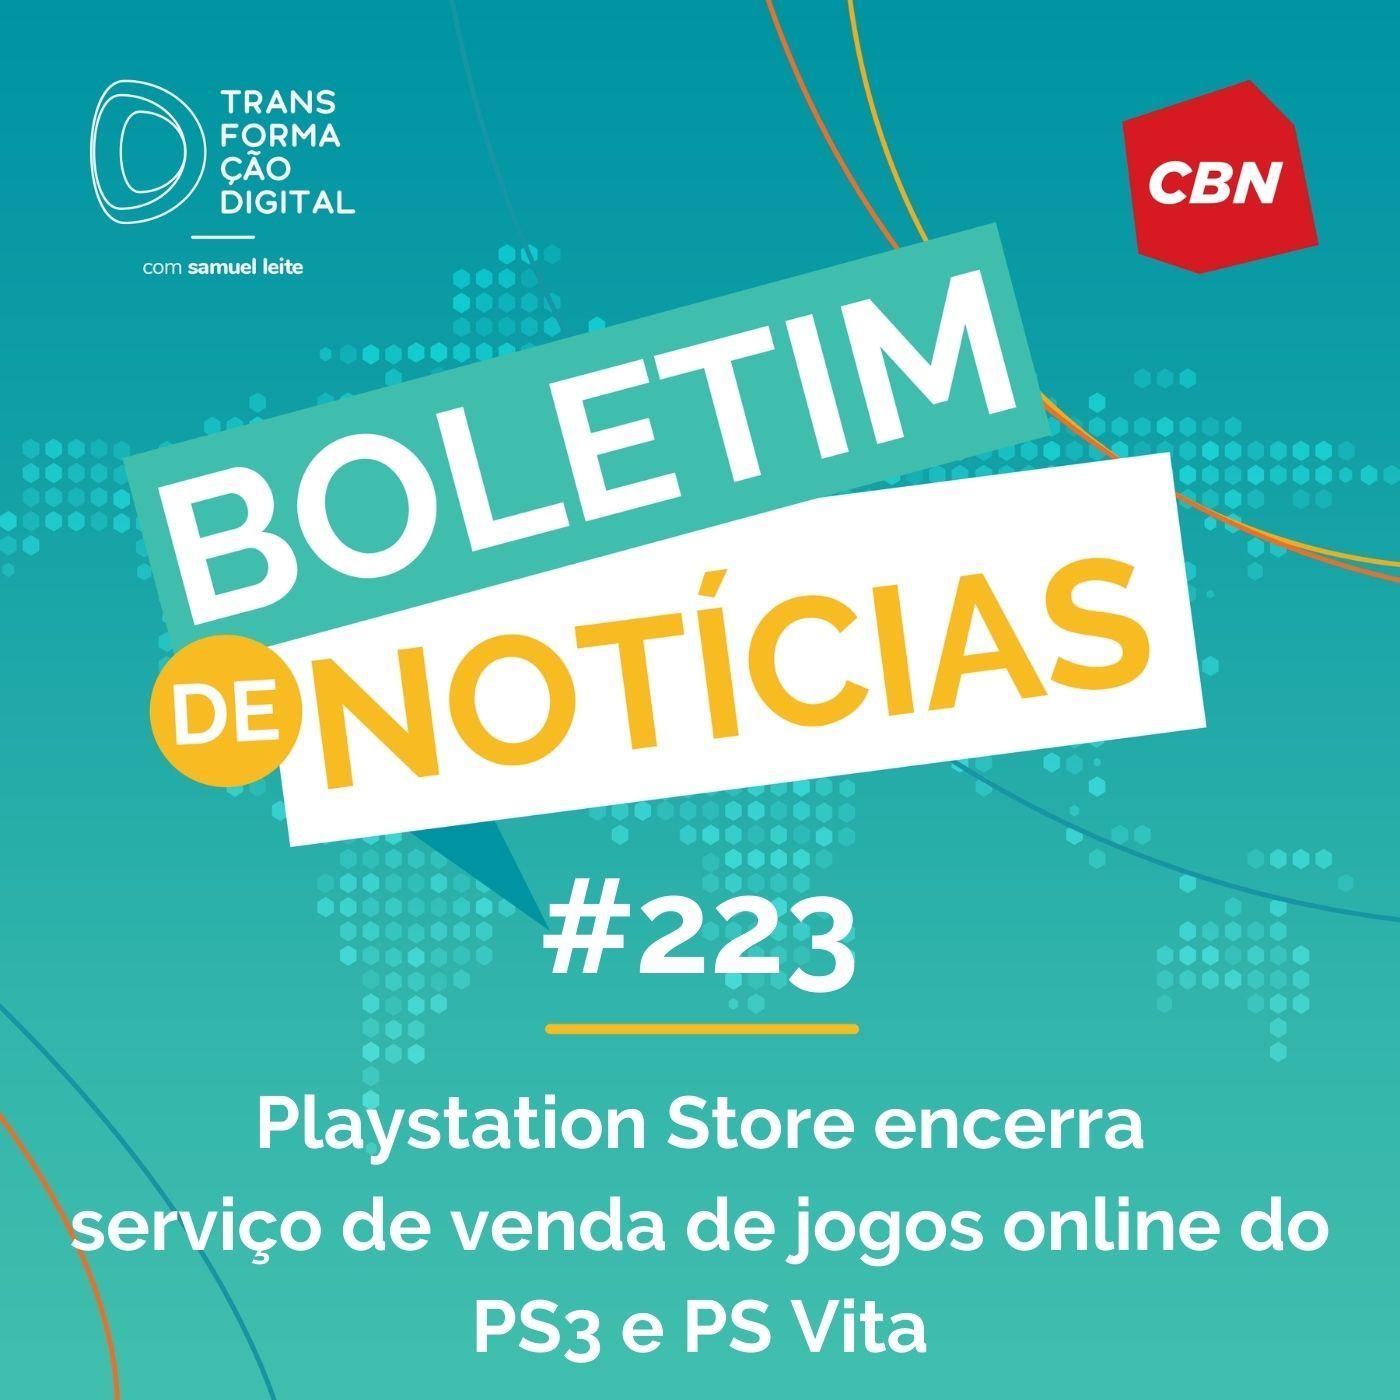 Transformação Digital CBN - Boletim de Notícias #223 - PSN encerra serviço de venda de jogos digitais e DLC no PS3 e PS Vita